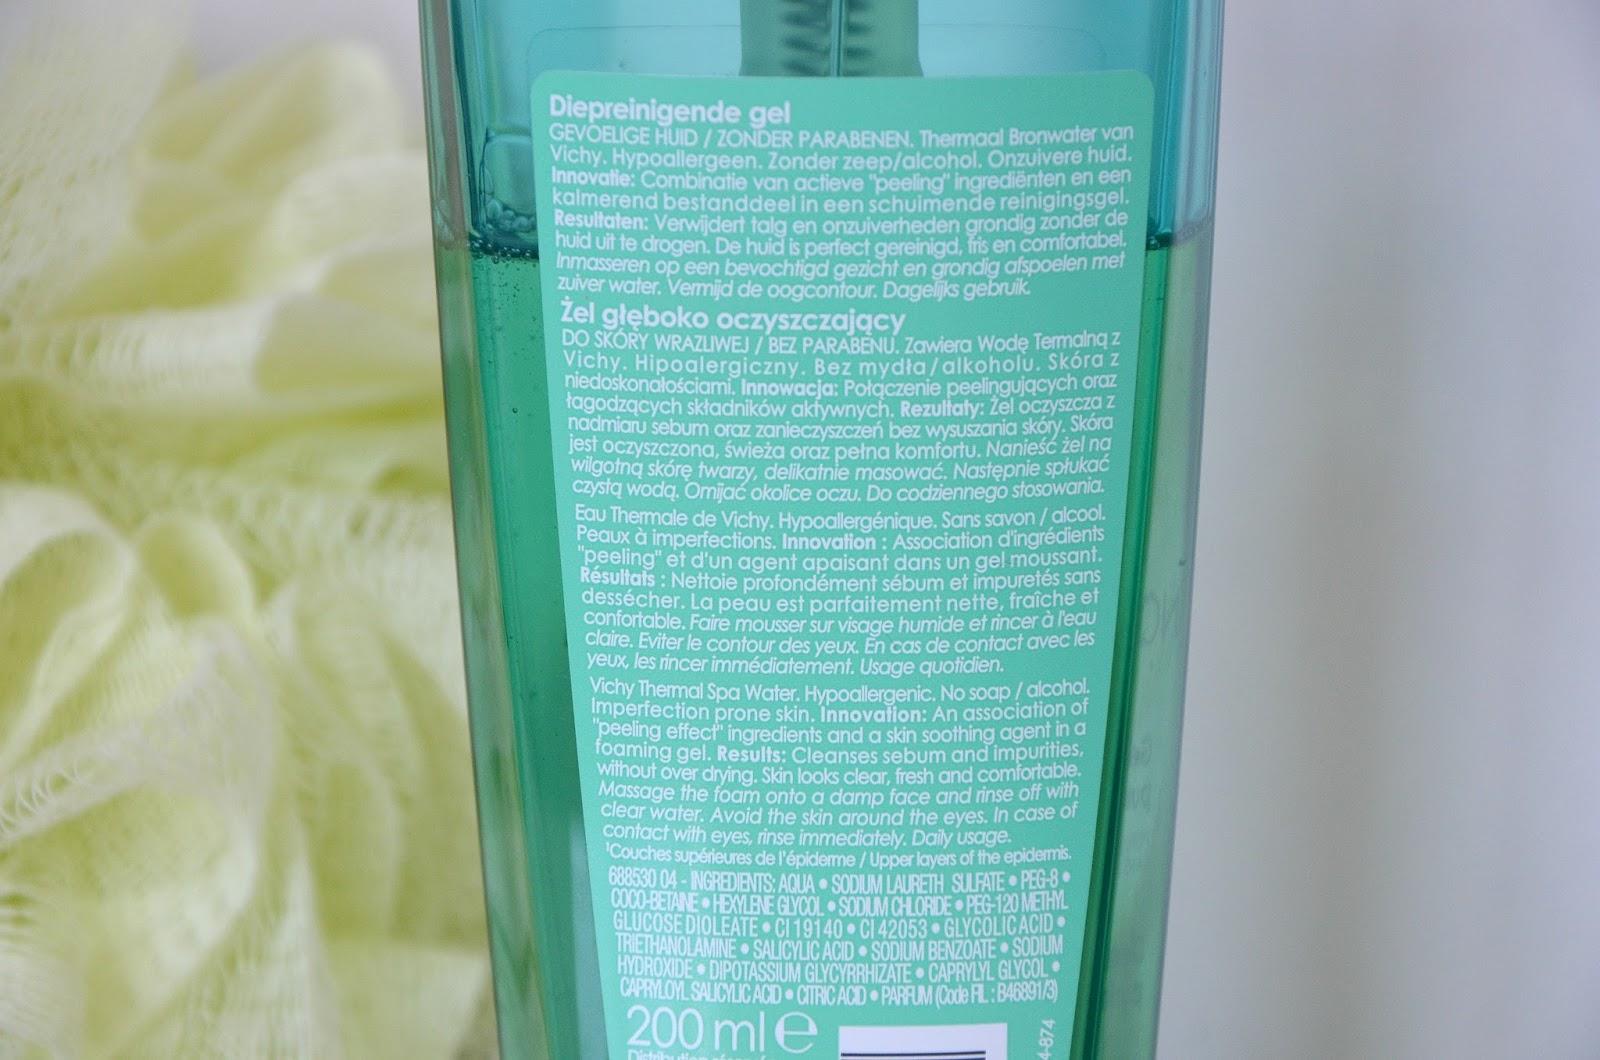 Gel nettoyant purifiant profond' Normaderm Vichy conseils d'utilisation et ingrédients